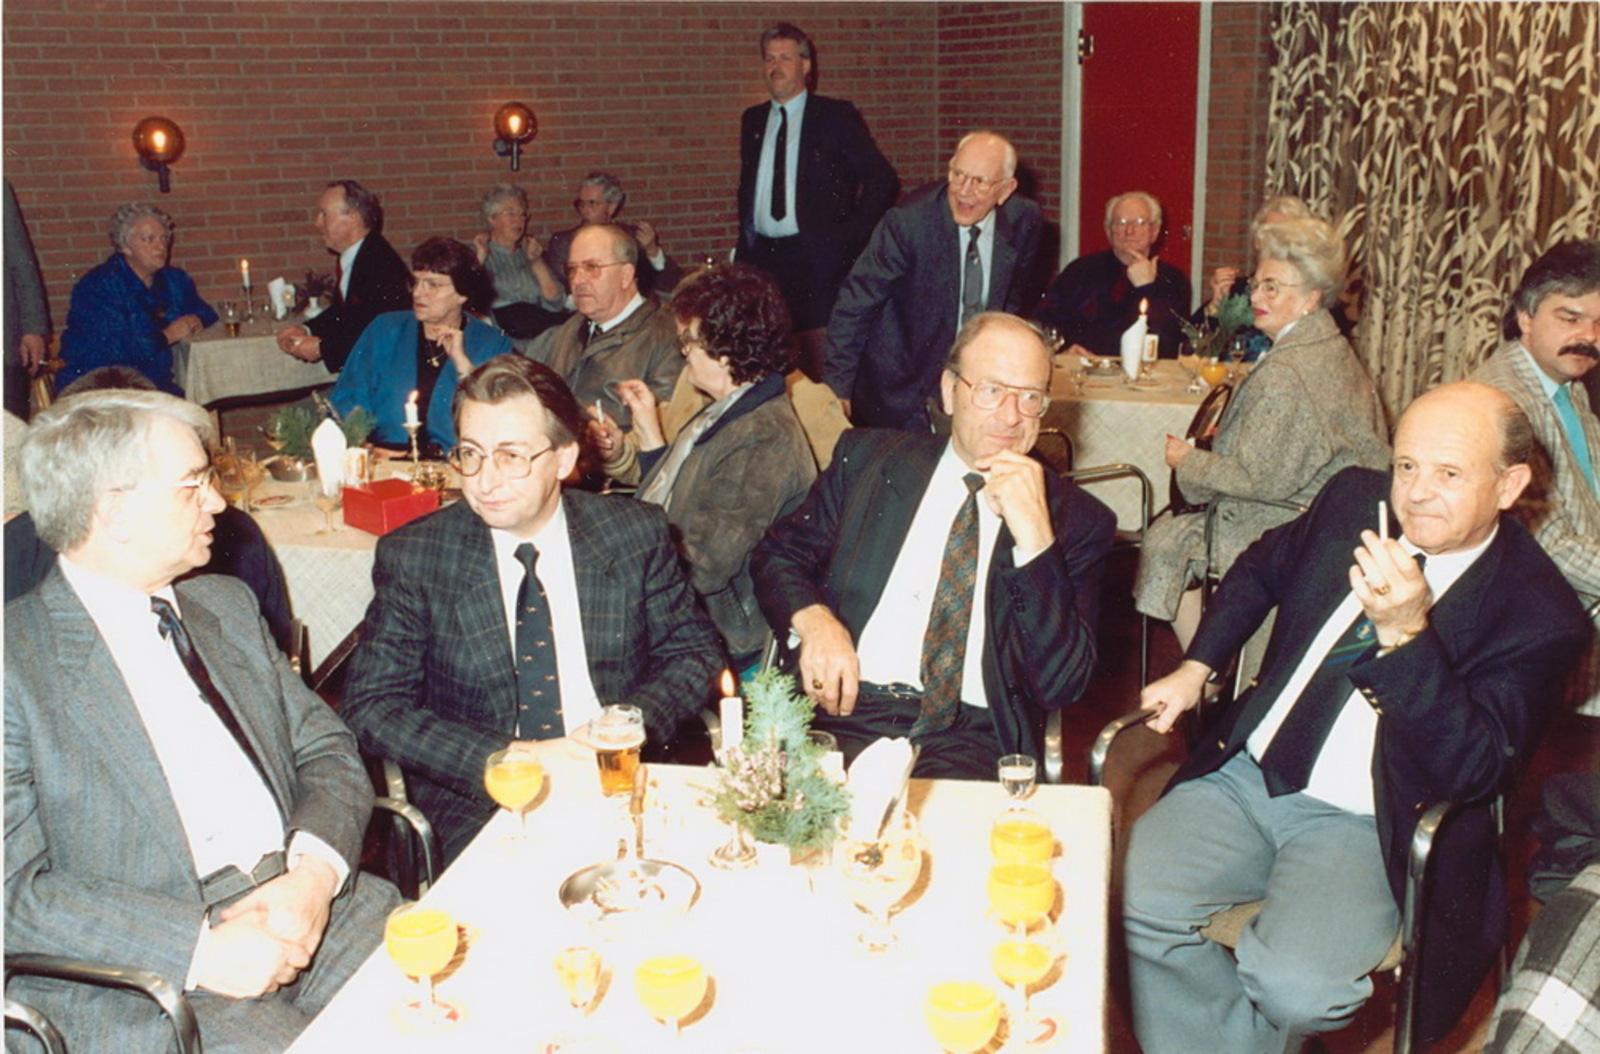 Marktlaan O 0022 1988 Sigarenboer Kraak 50jr Jub en Sluiting 67